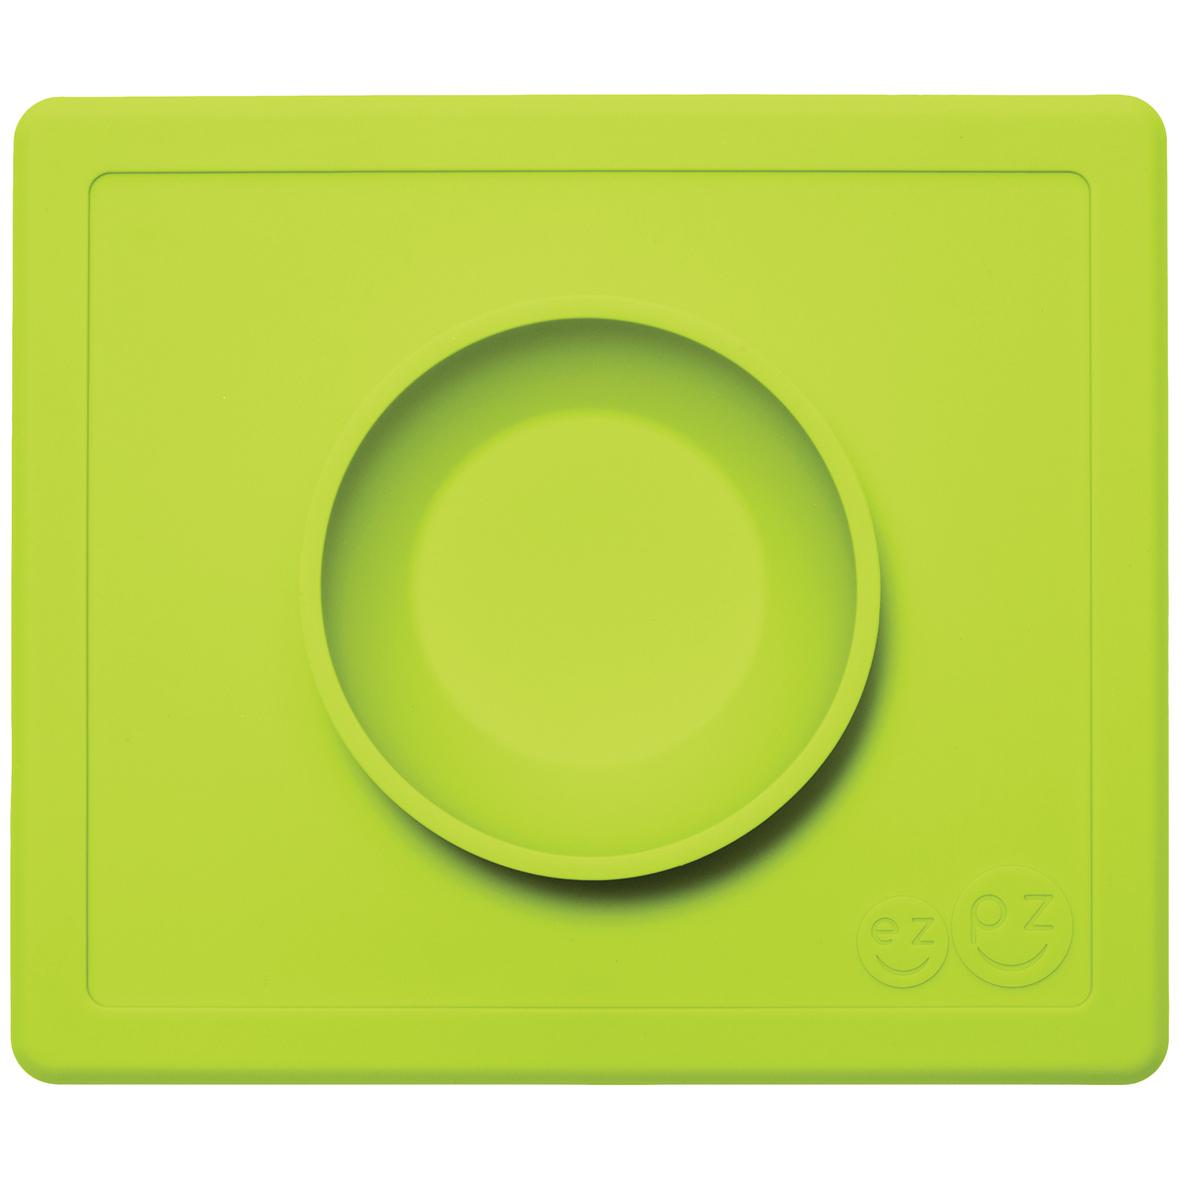 EZPZ Happy Bowl - Lime image